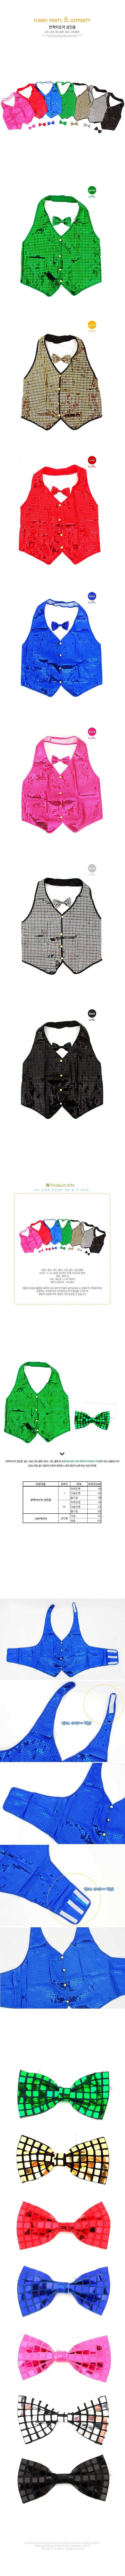 반짝이조끼 성인용 _partypang - 파티팡, 20,000원, 파티의상/잡화, 의상/세트